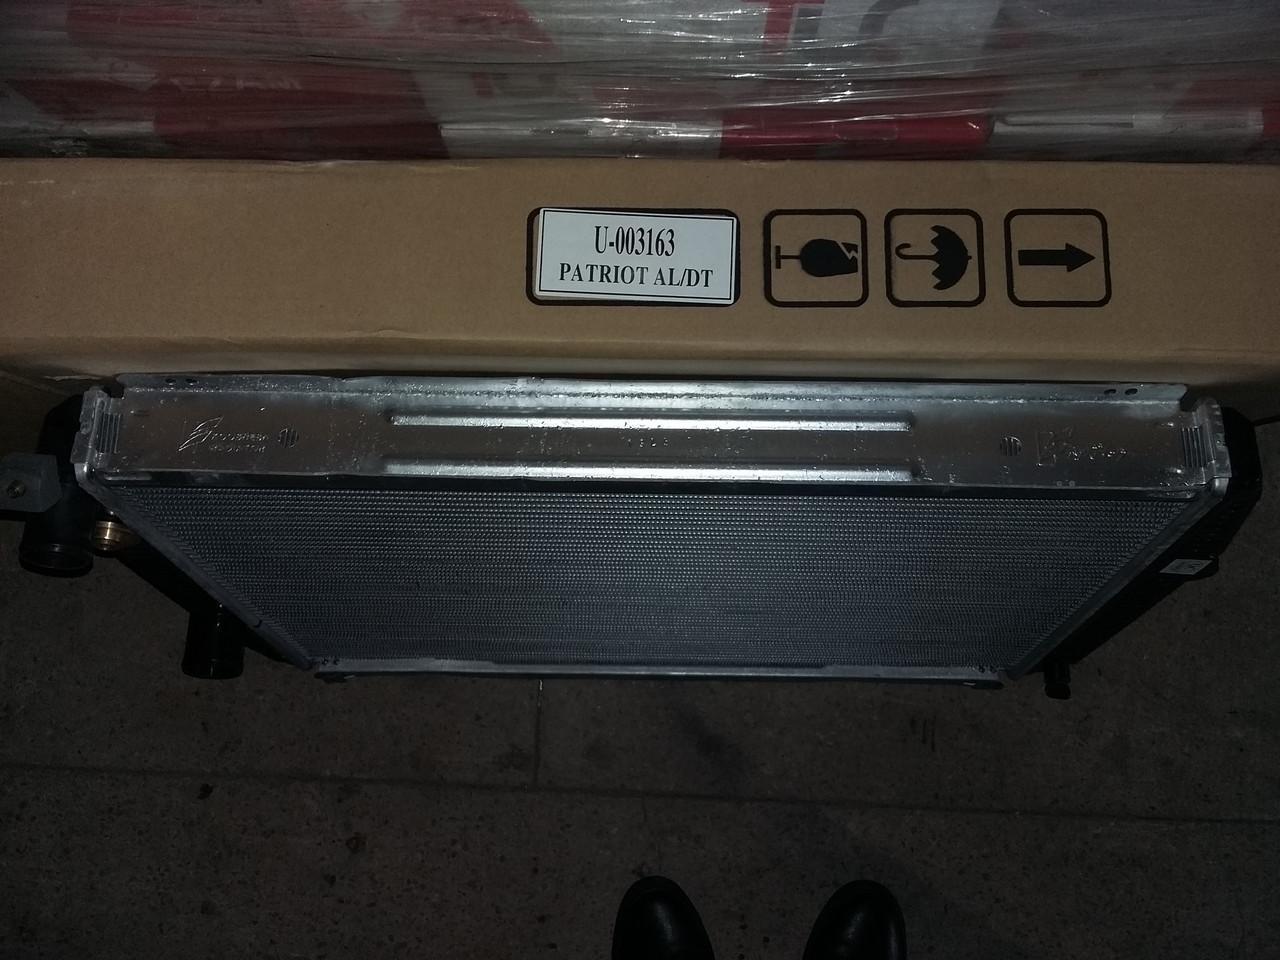 Радиатор УАЗ Патриот 3163 ал., дв.409 Бензин пр-во Иран Радиатор